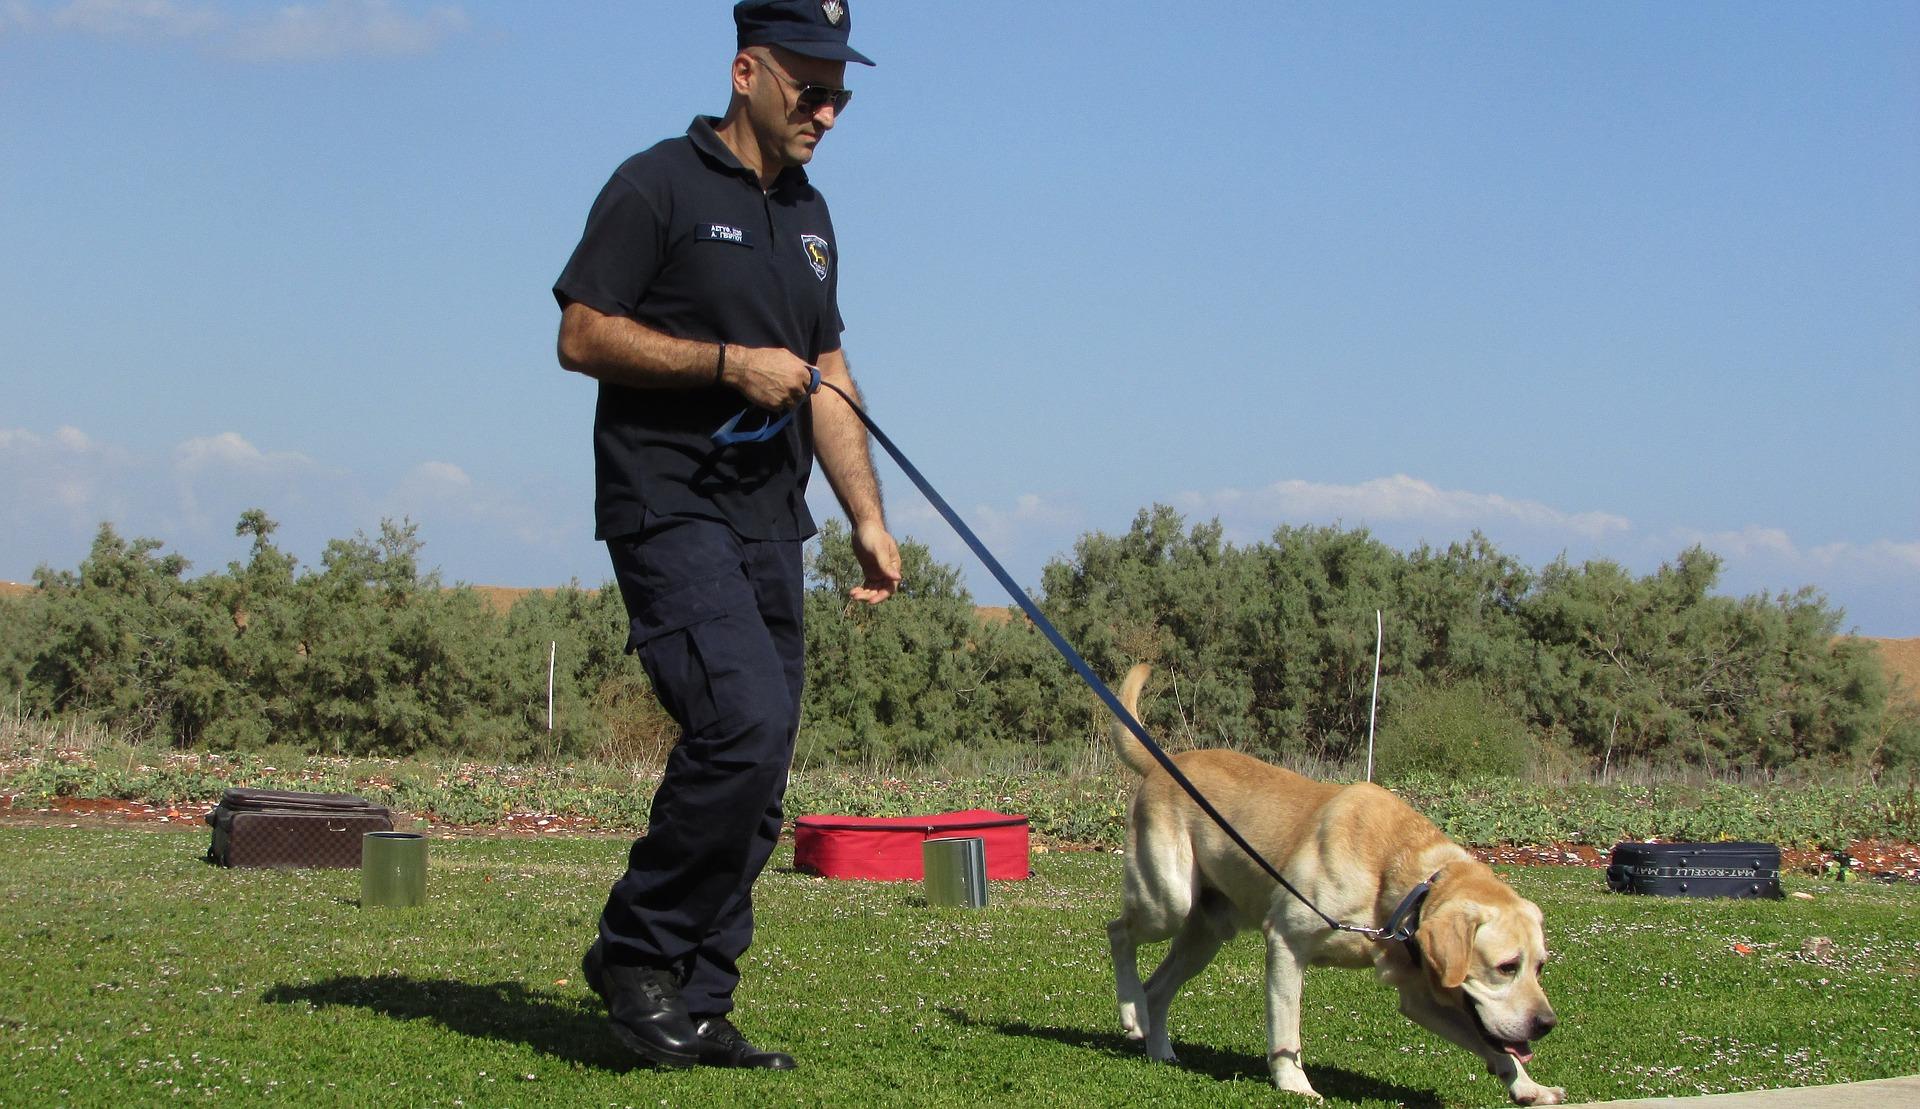 Pies policyjny jest od szczeniaka trenowany w określonych czynnościach. Niektóre rasy, jak np. owczarek niemiecki mają predyspozycje do pracy w służbach.